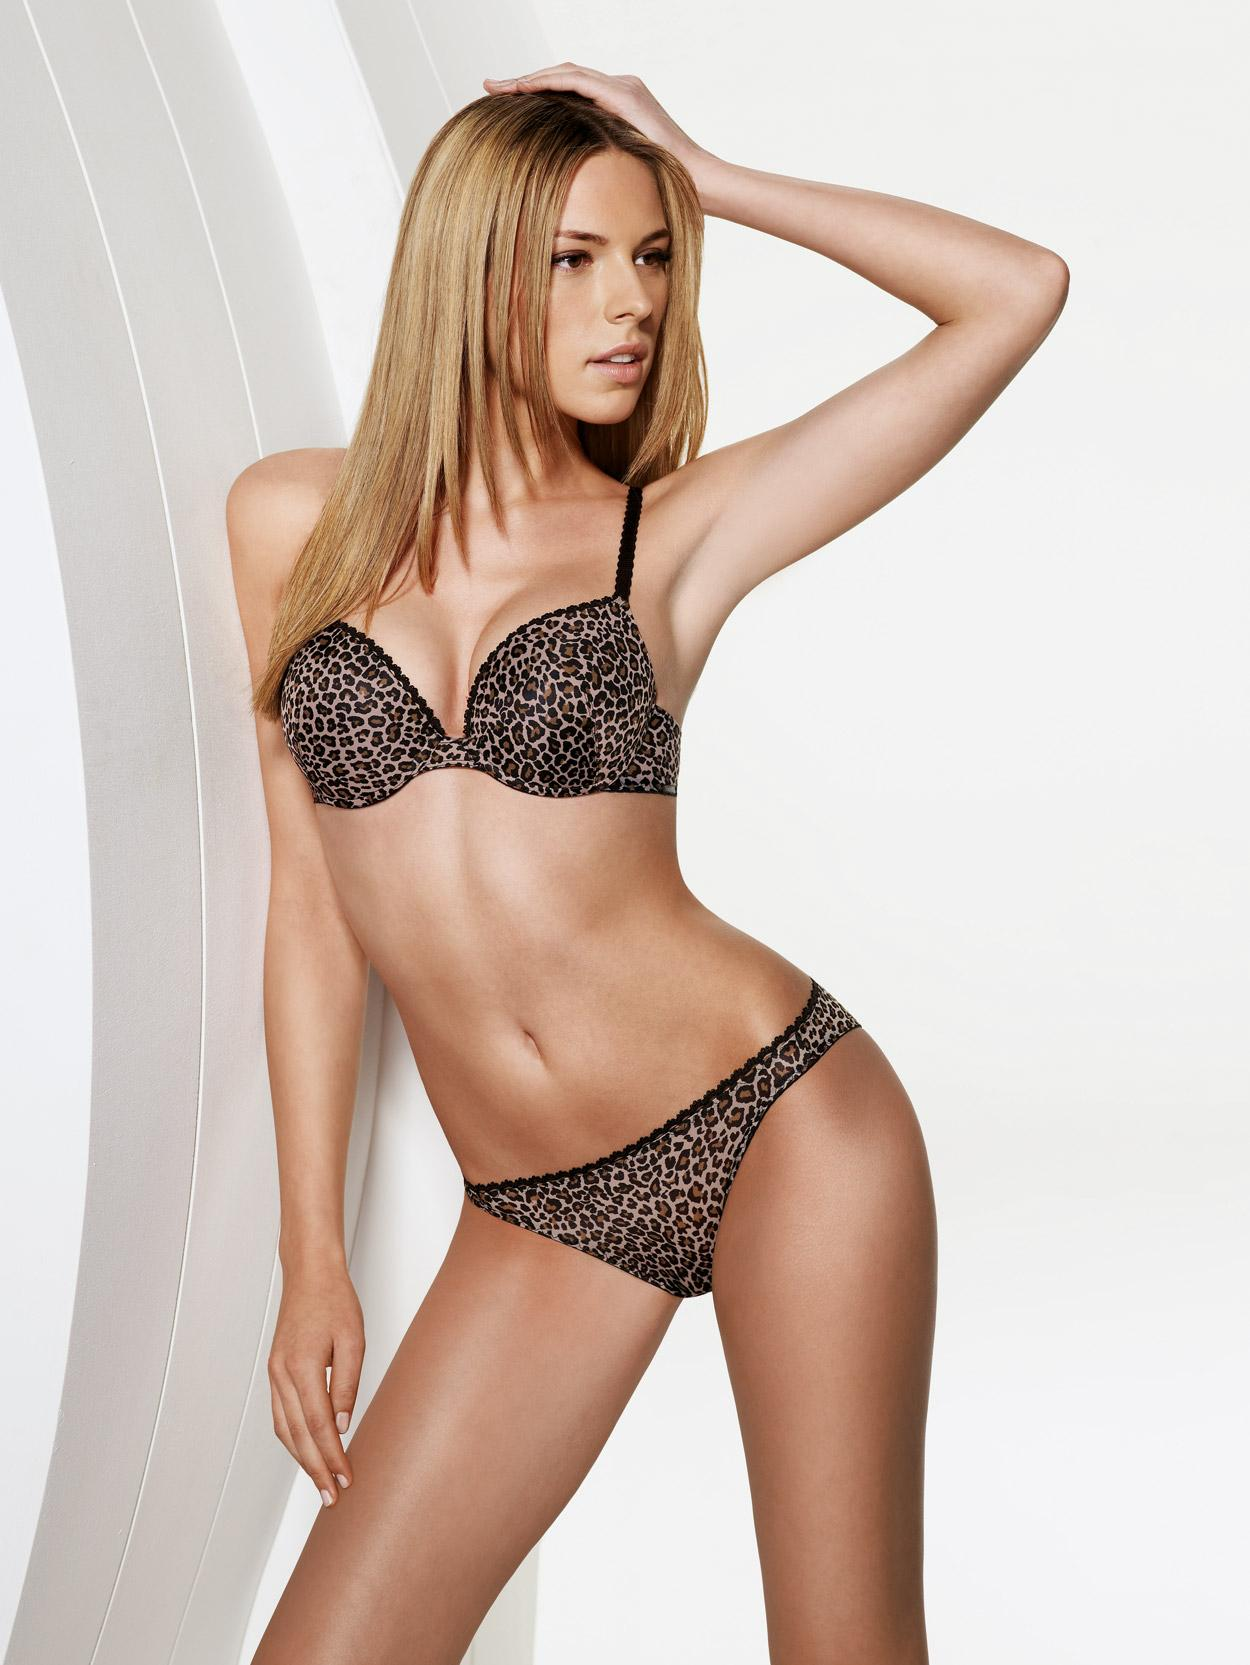 tijgerprint lingerie